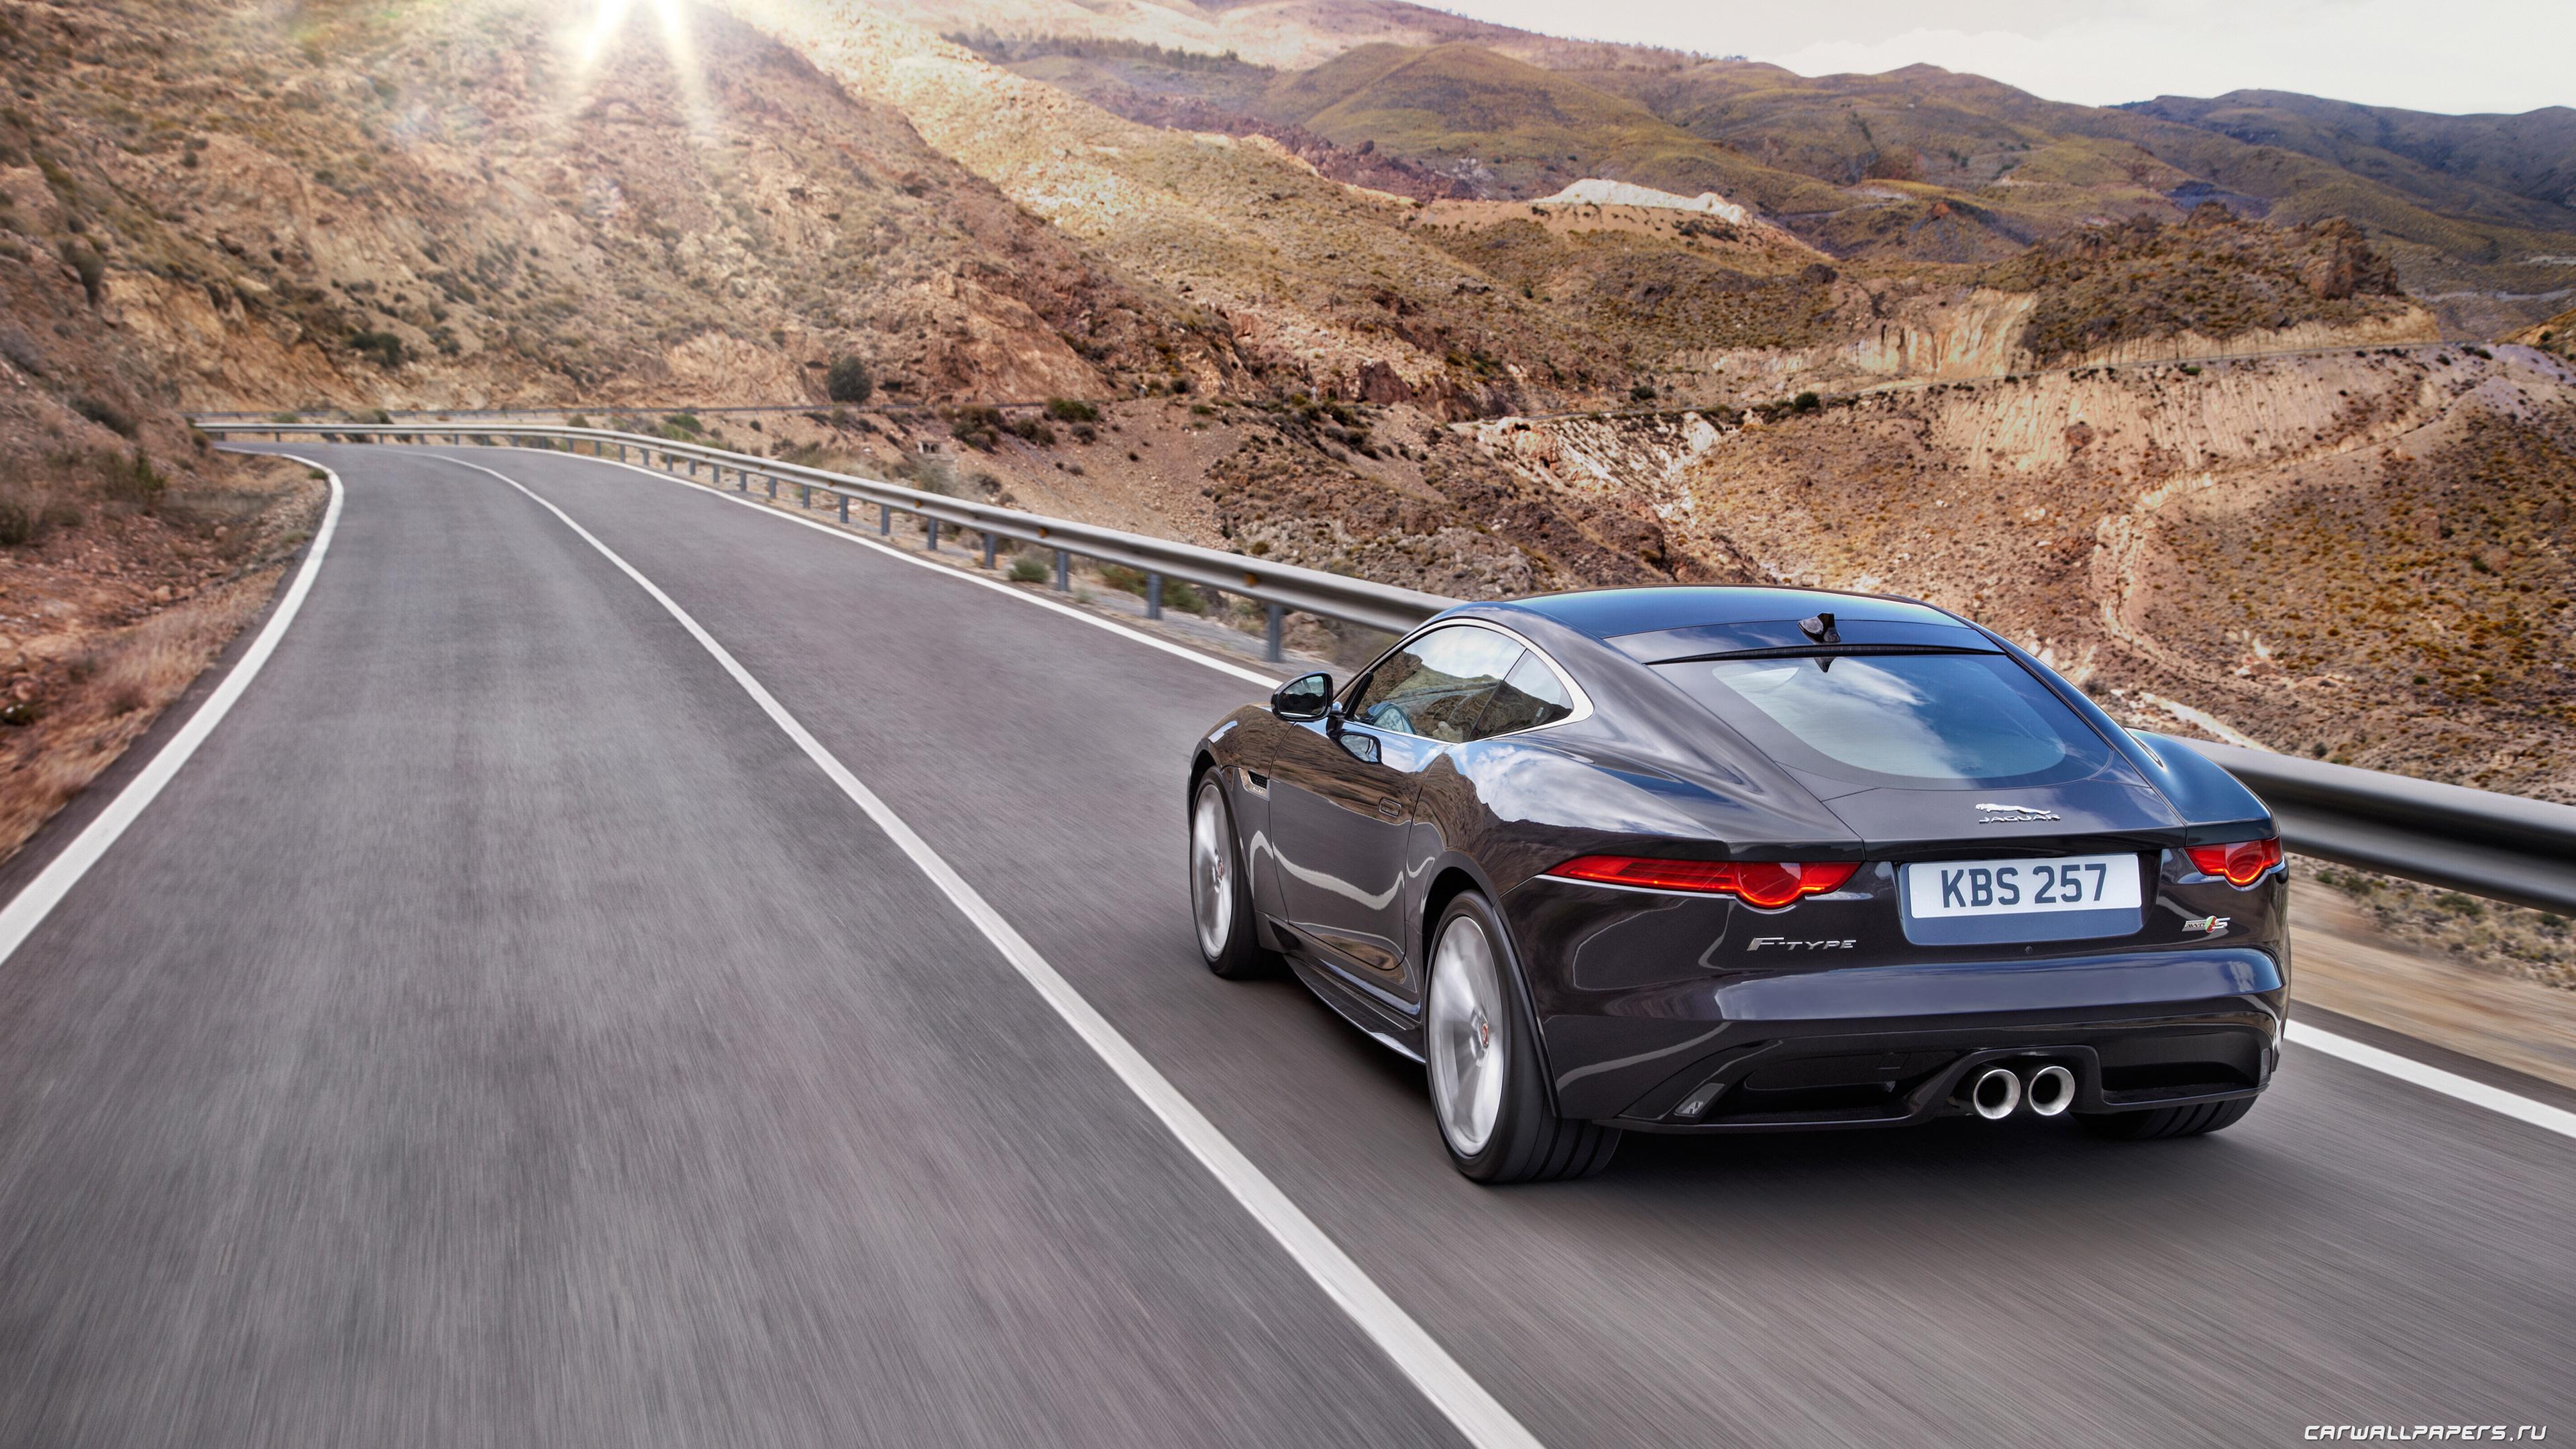 Cars Desktop Wallpapers Jaguar F Type S Coupe Awd 2015